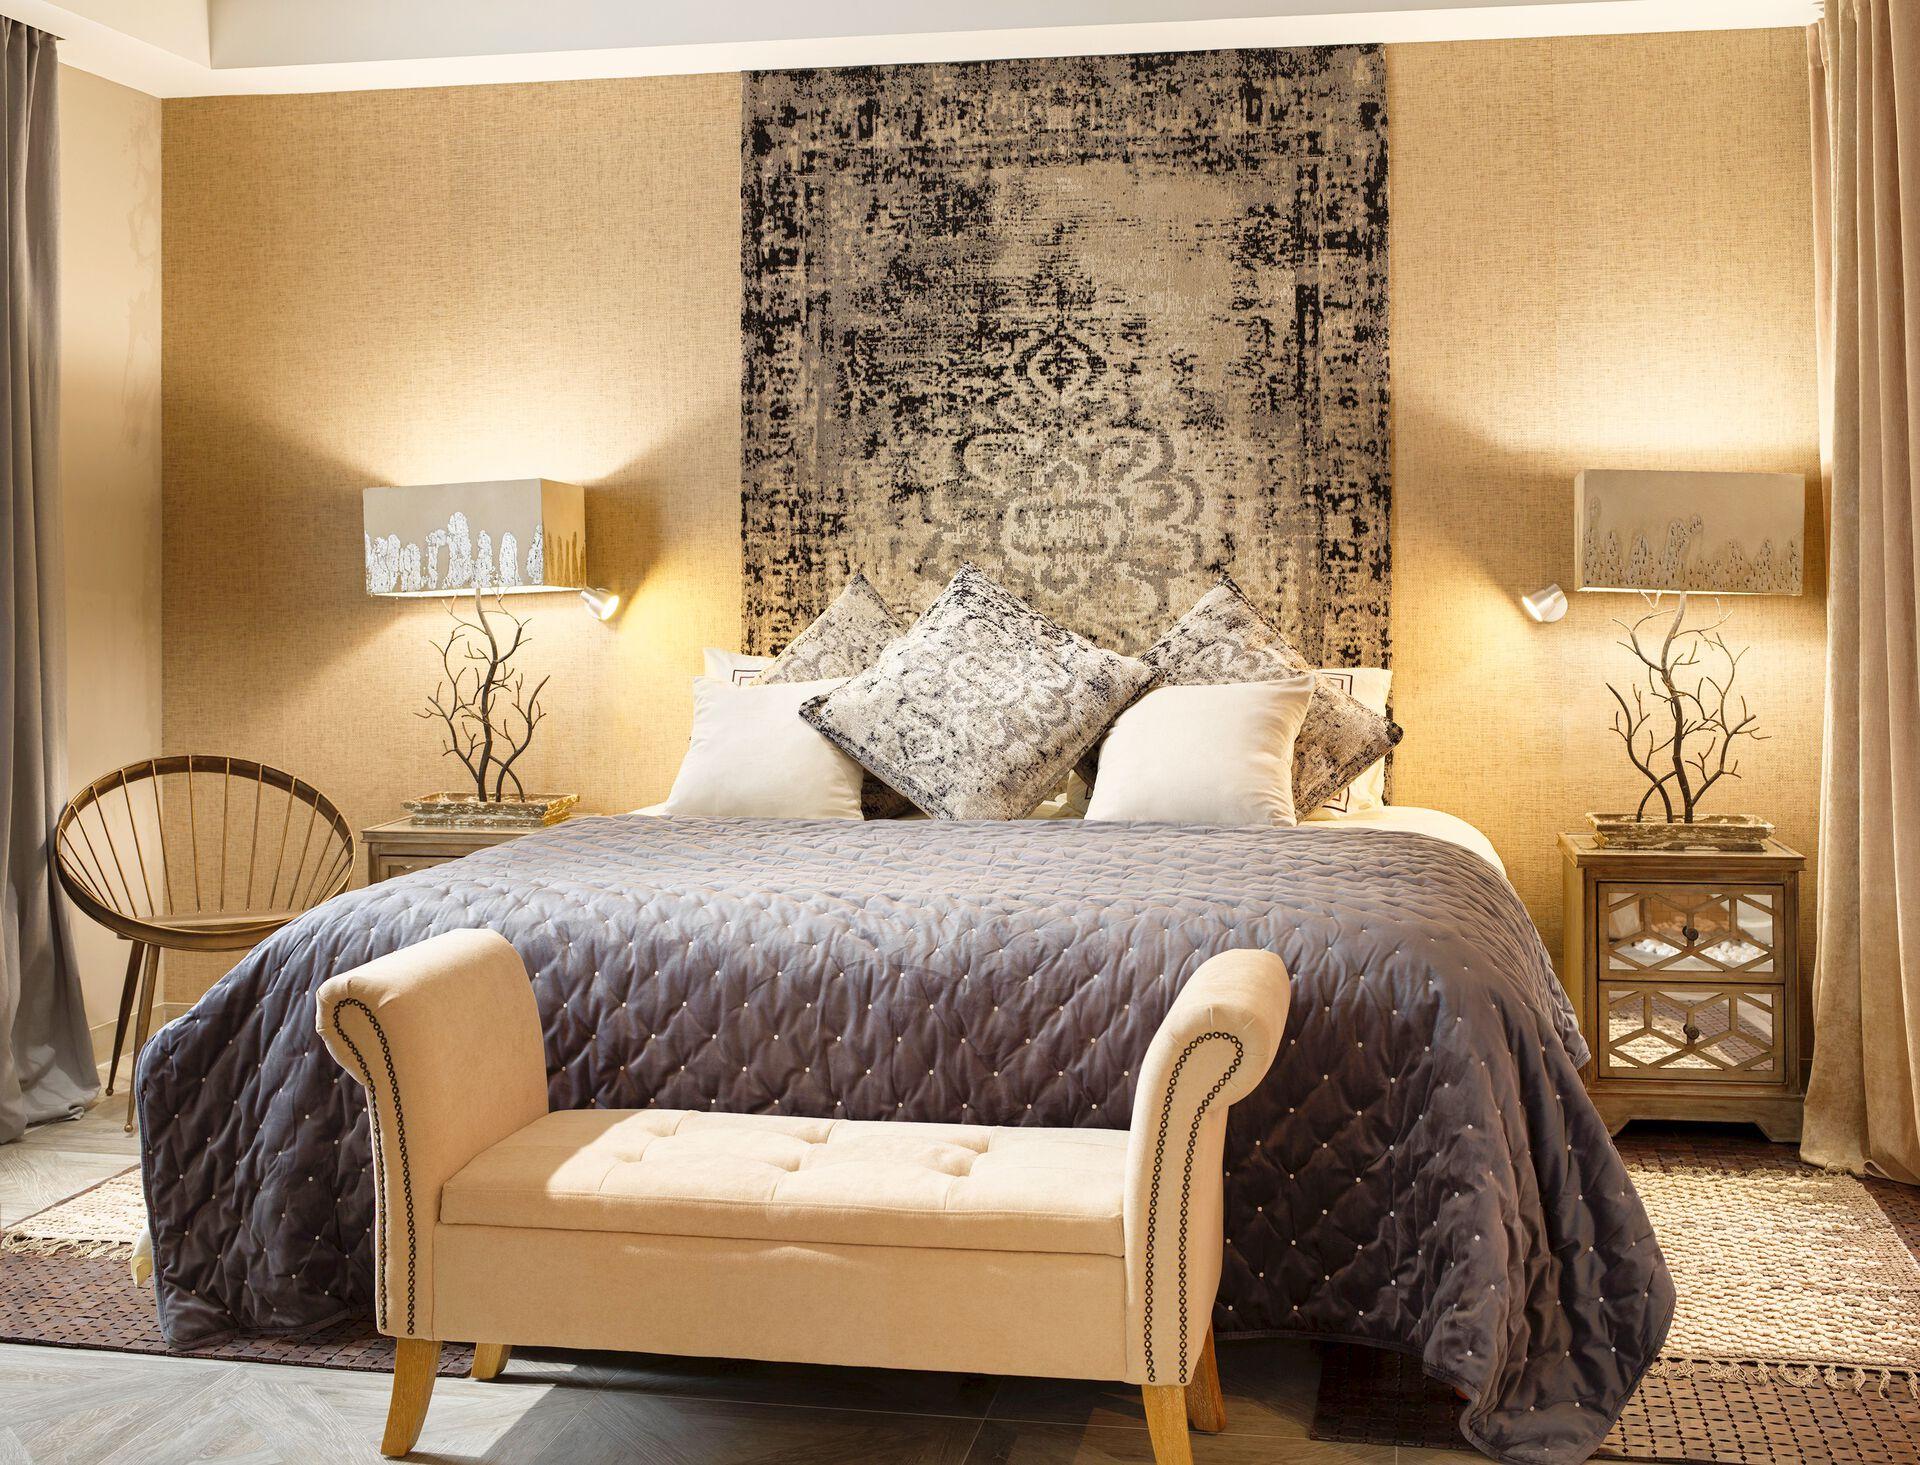 Séjour Espagne - Royal River Luxury Hotel - 5*